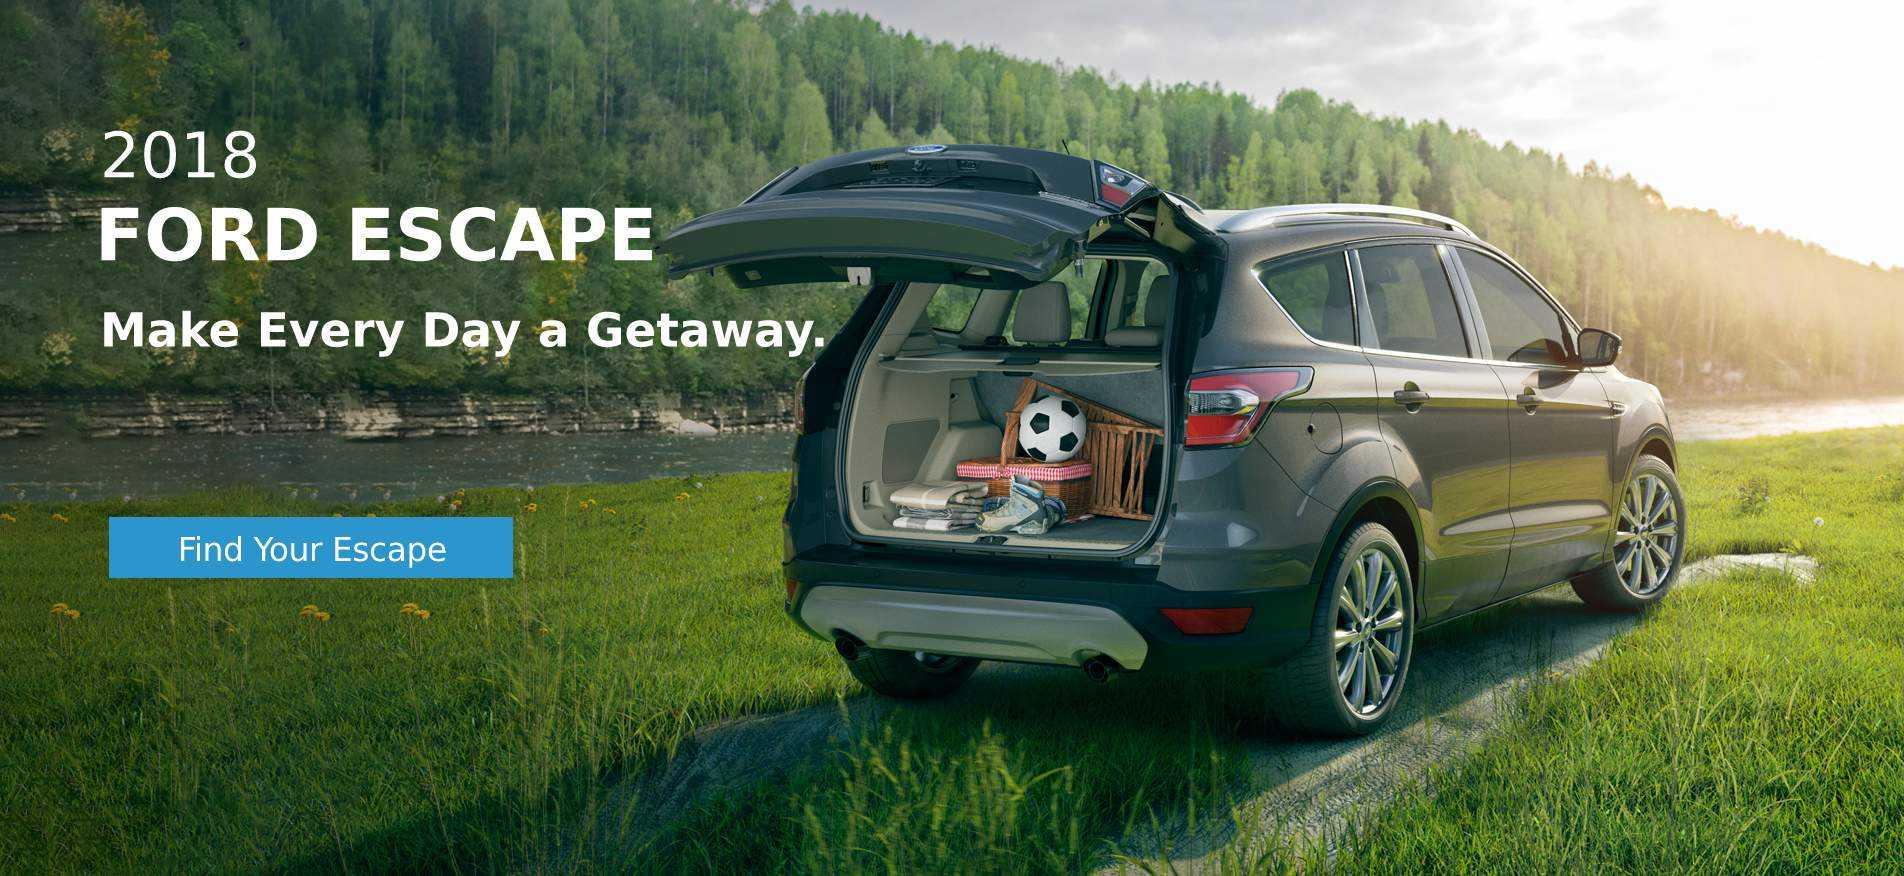 2018 Escape Glenoak Ford Victoria BC